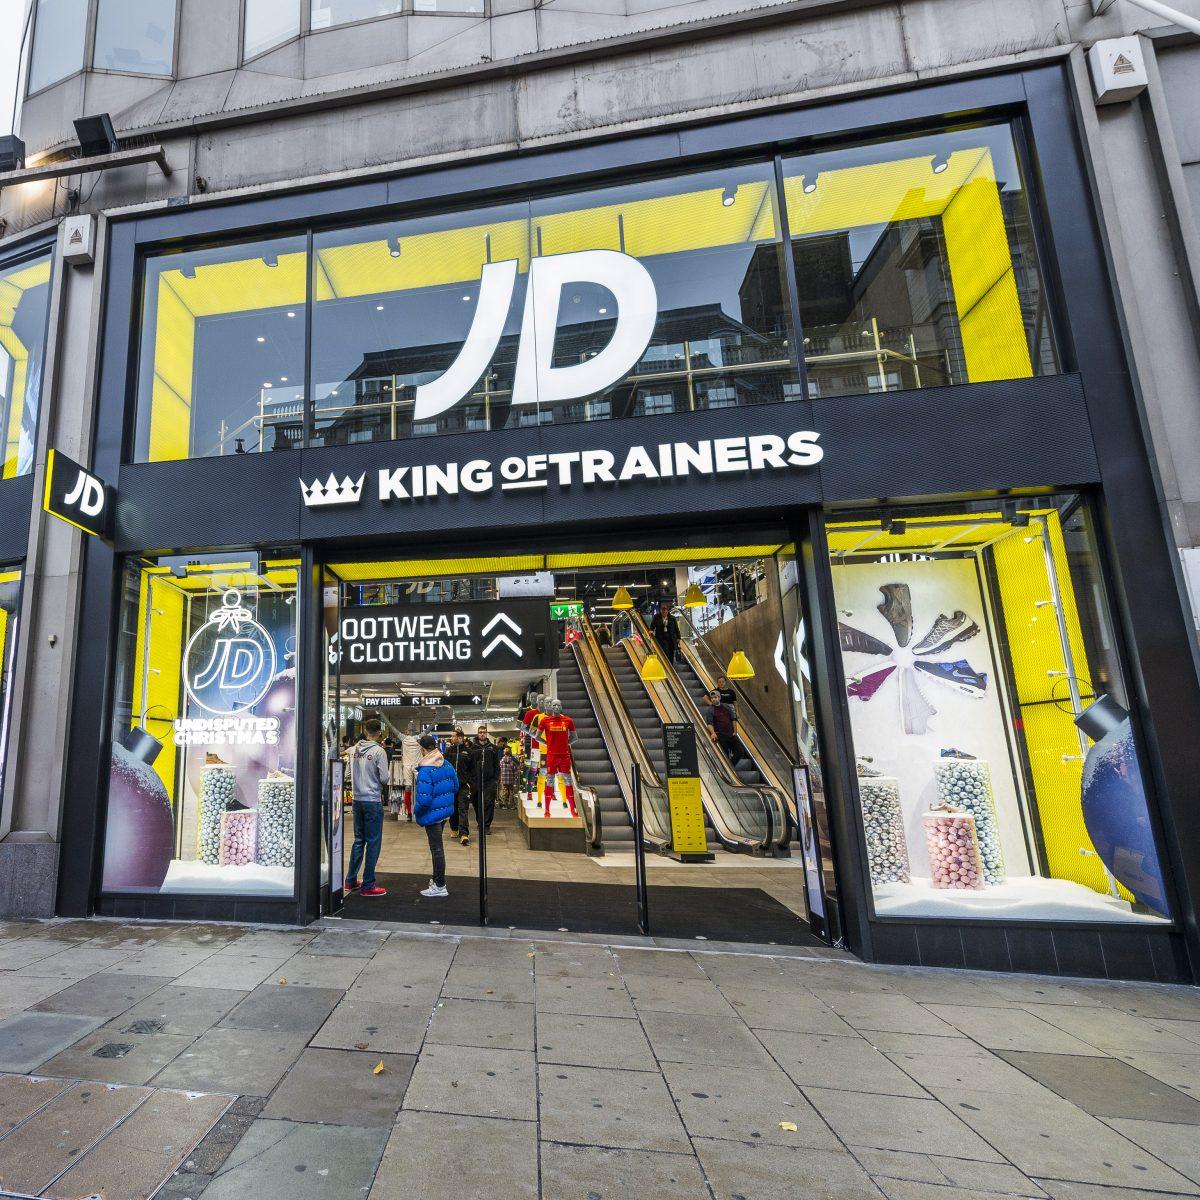 JD sports retail shopfront London